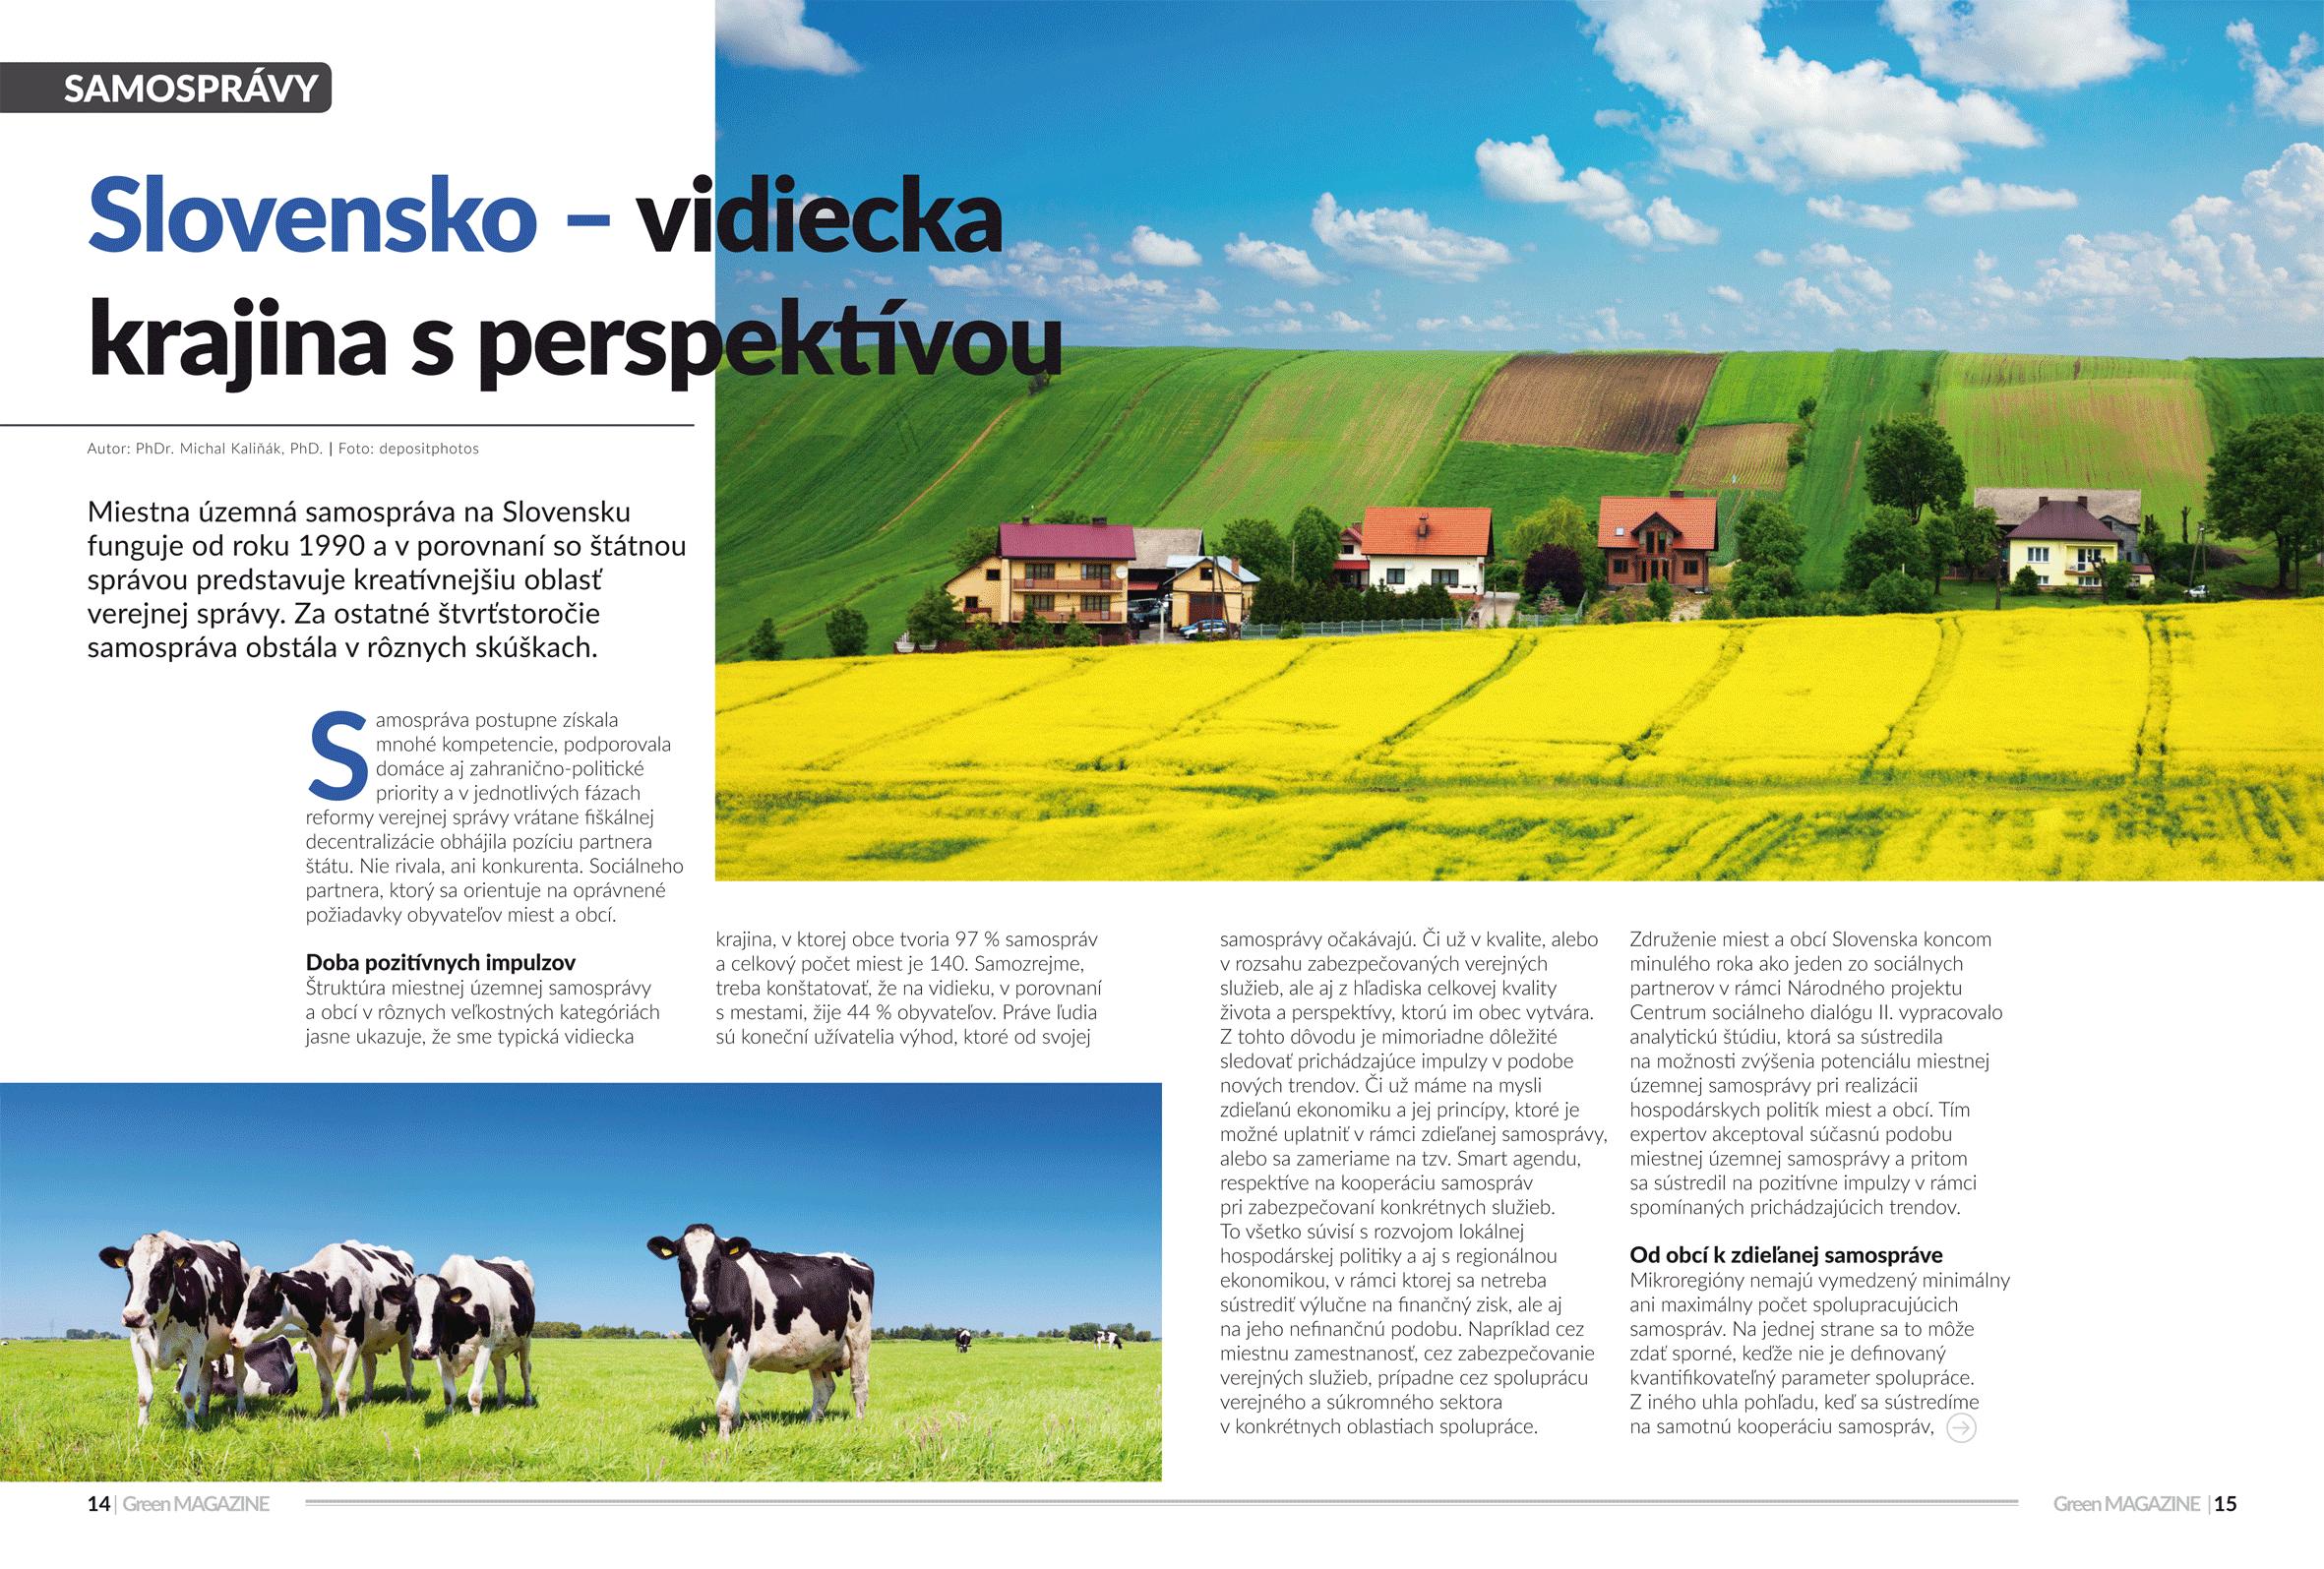 Slovensko - vidiecka krajina s perspektívou